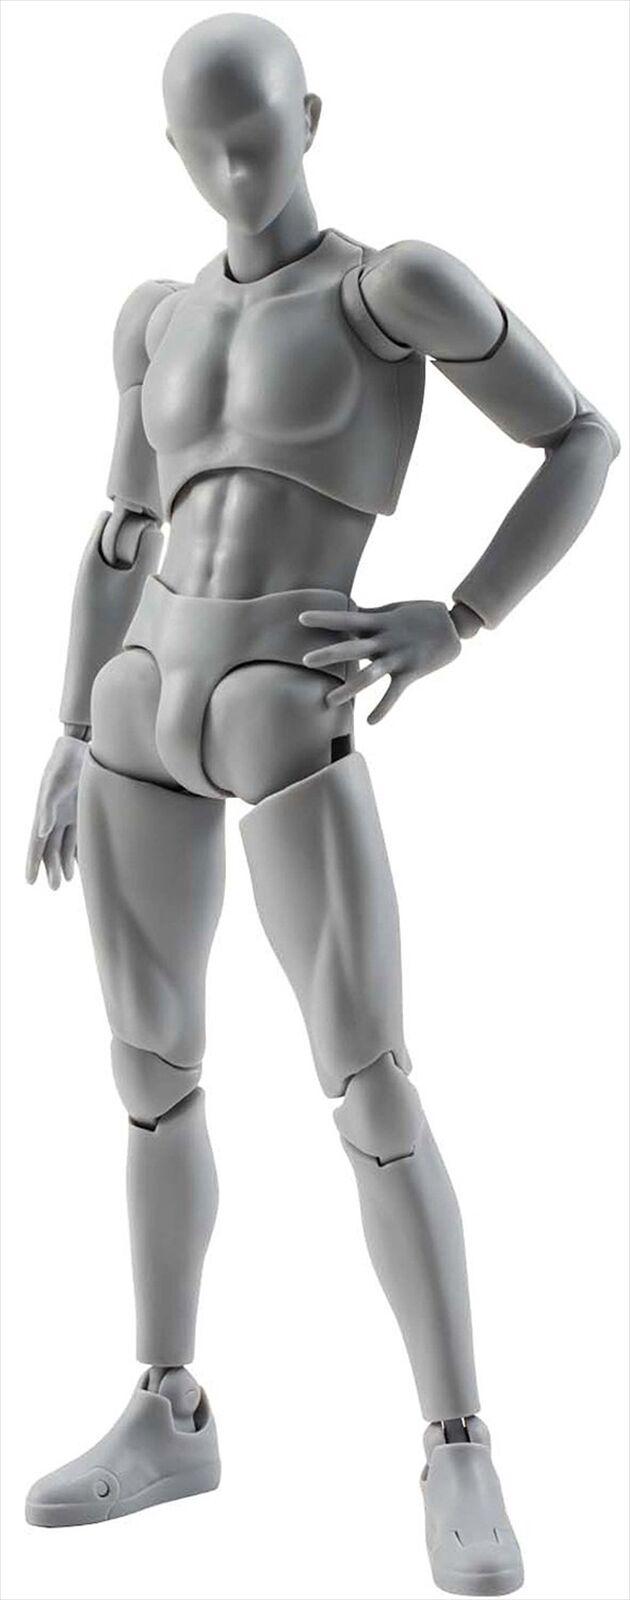 Bandai S.H. Figuarts Cuerpo-Kun DX Set Color gris Ver. figura De Acción